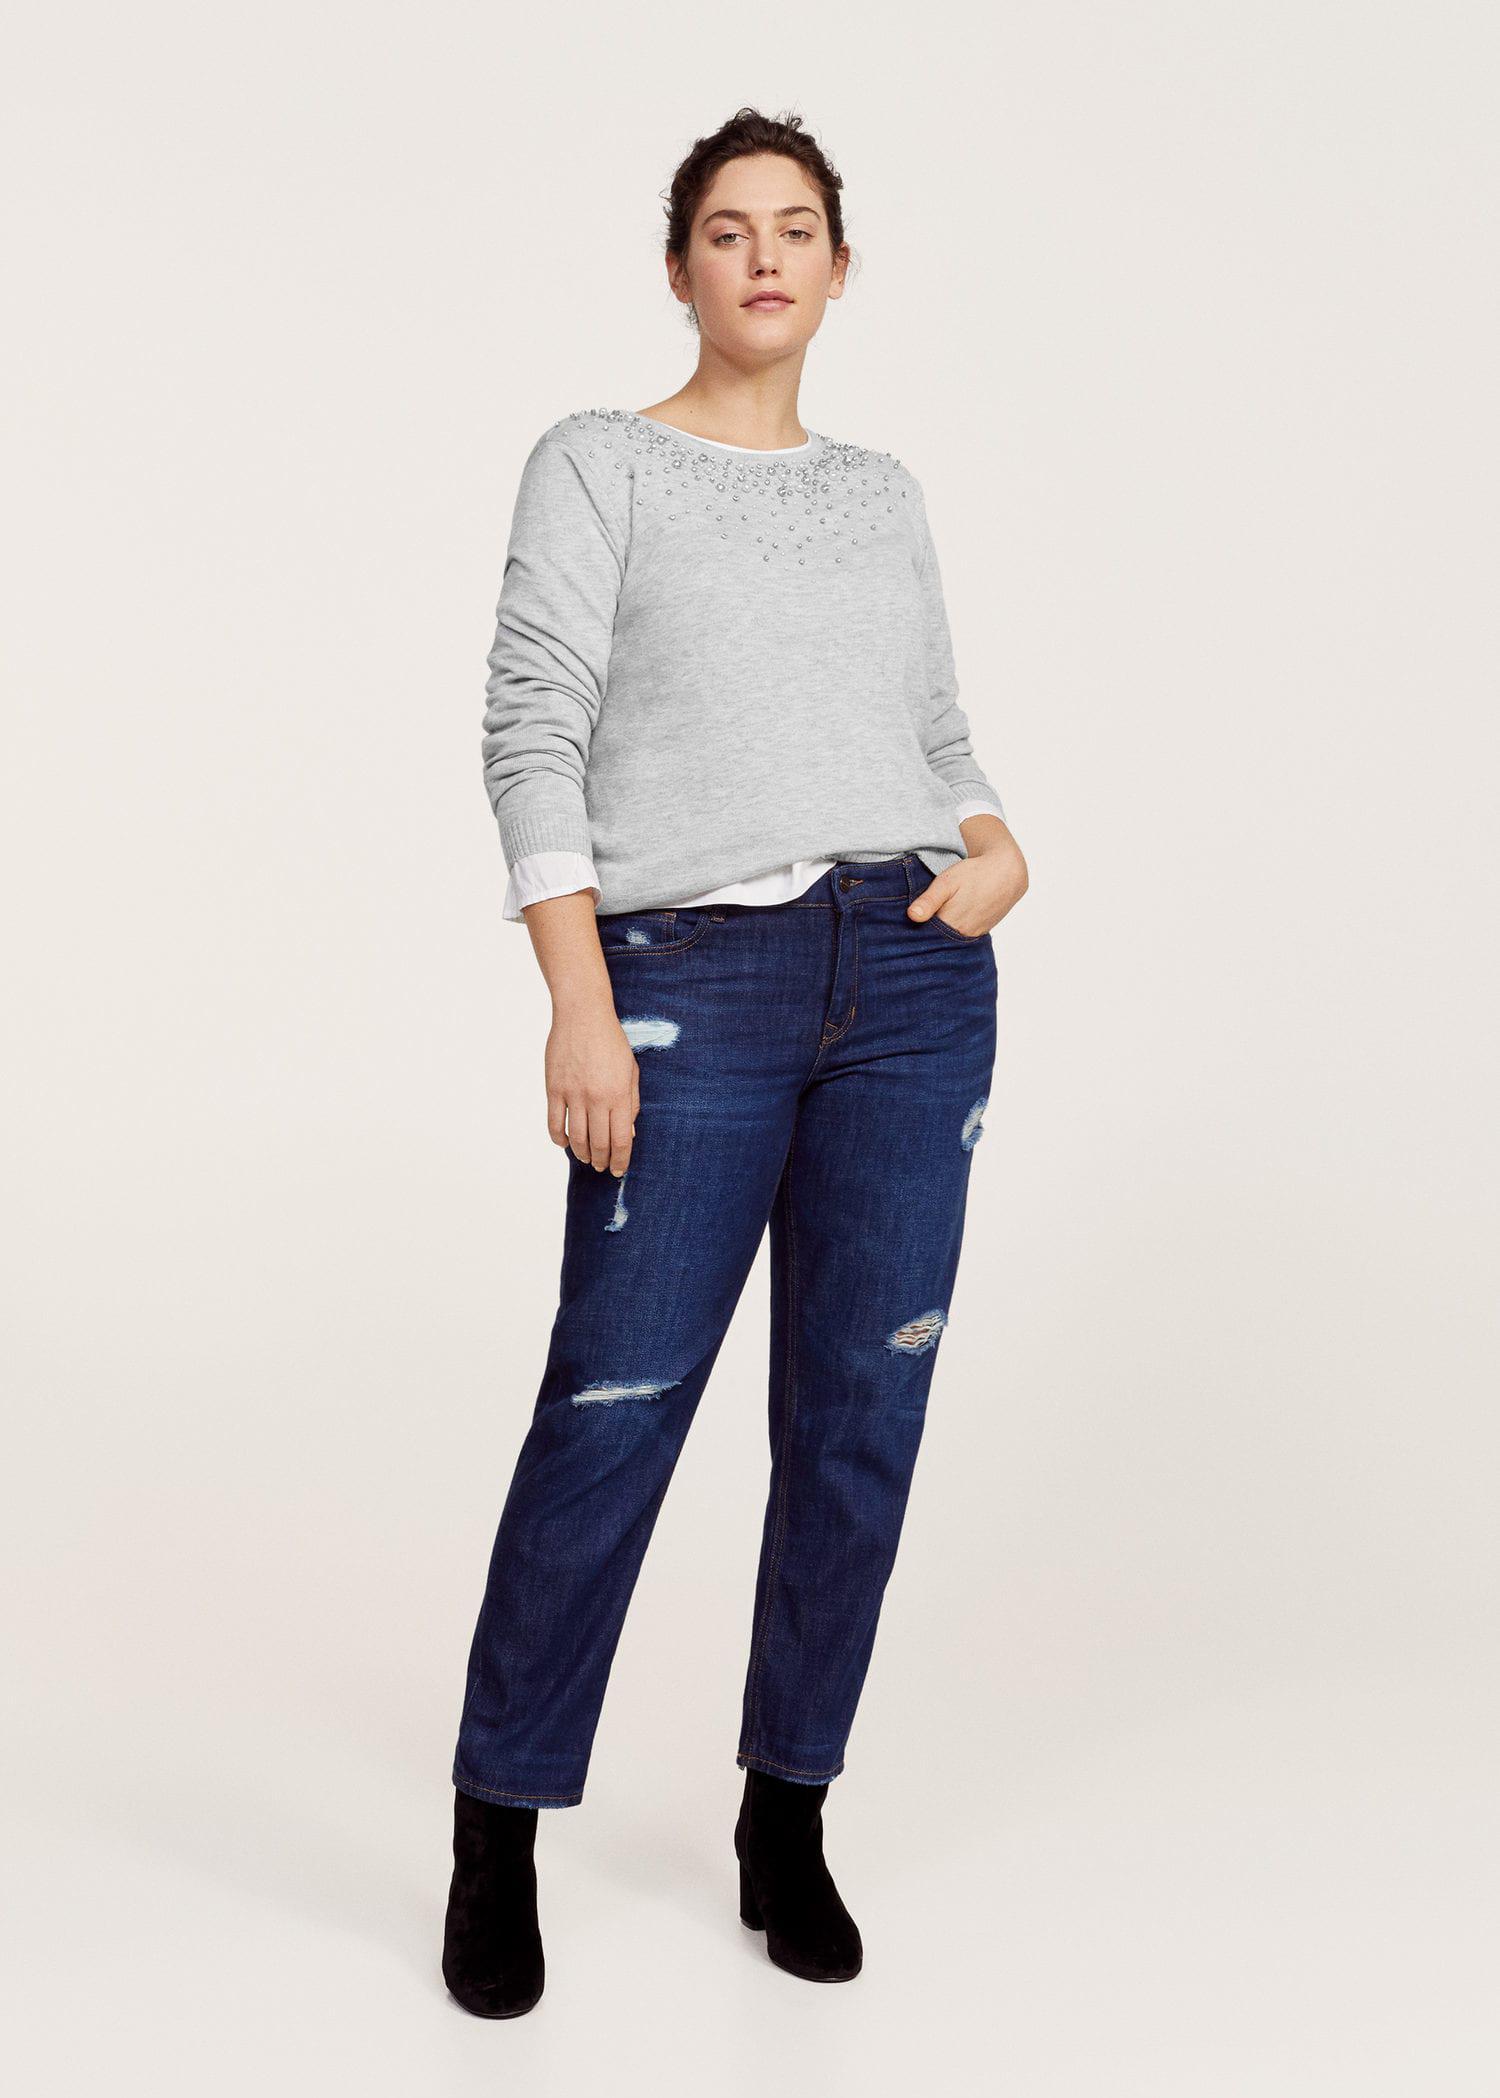 Lyst - Violeta By Mango Pearls Rhinestone Sweater in Gray 2181f25b6